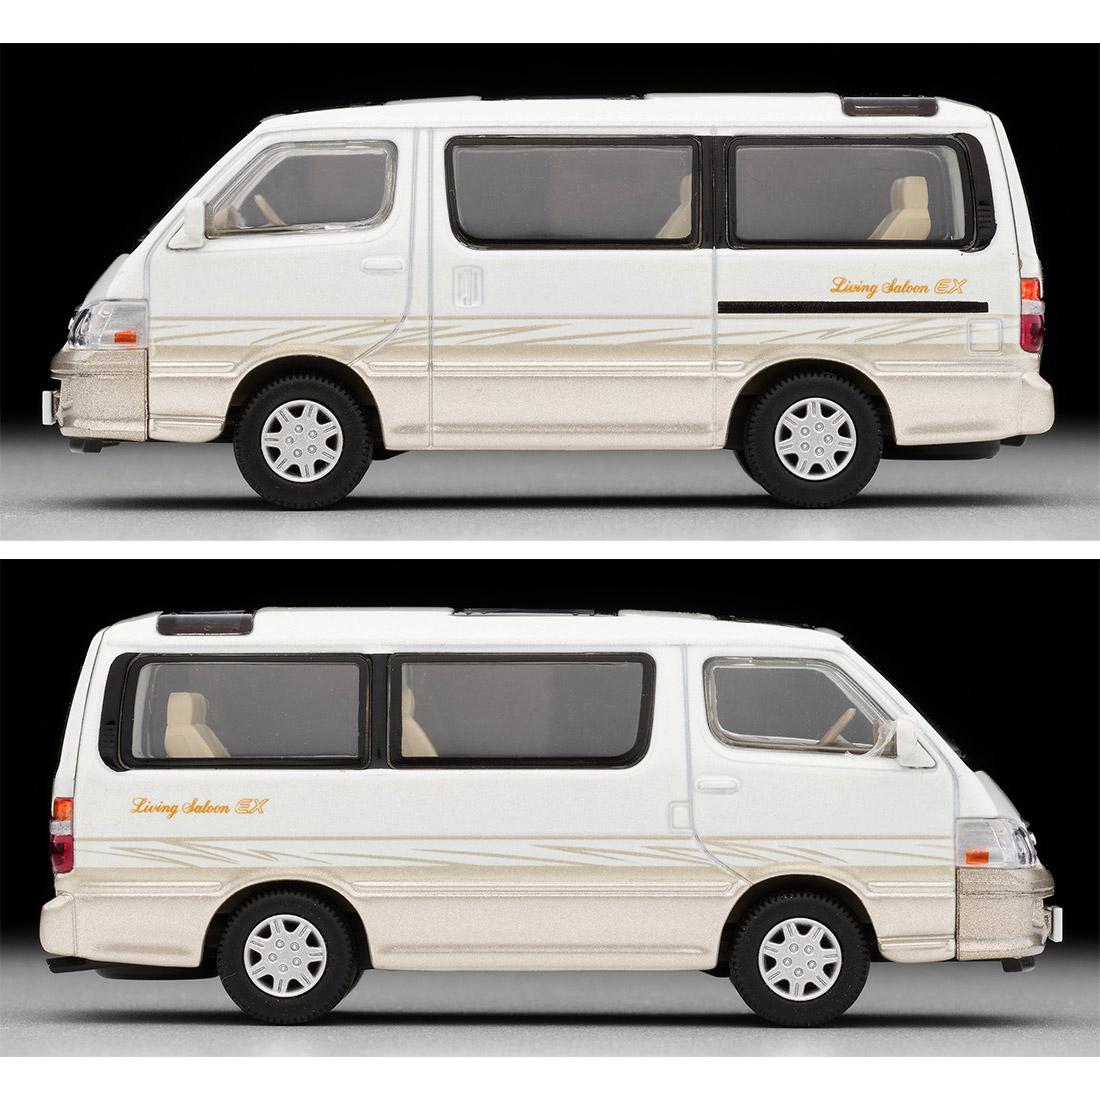 トミカリミテッド ヴィンテージ ネオ TLV-NEO『LV-N216a ハイエースワゴン リビングサルーン EX(白/ベージュ)』1/64 ミニカー-005